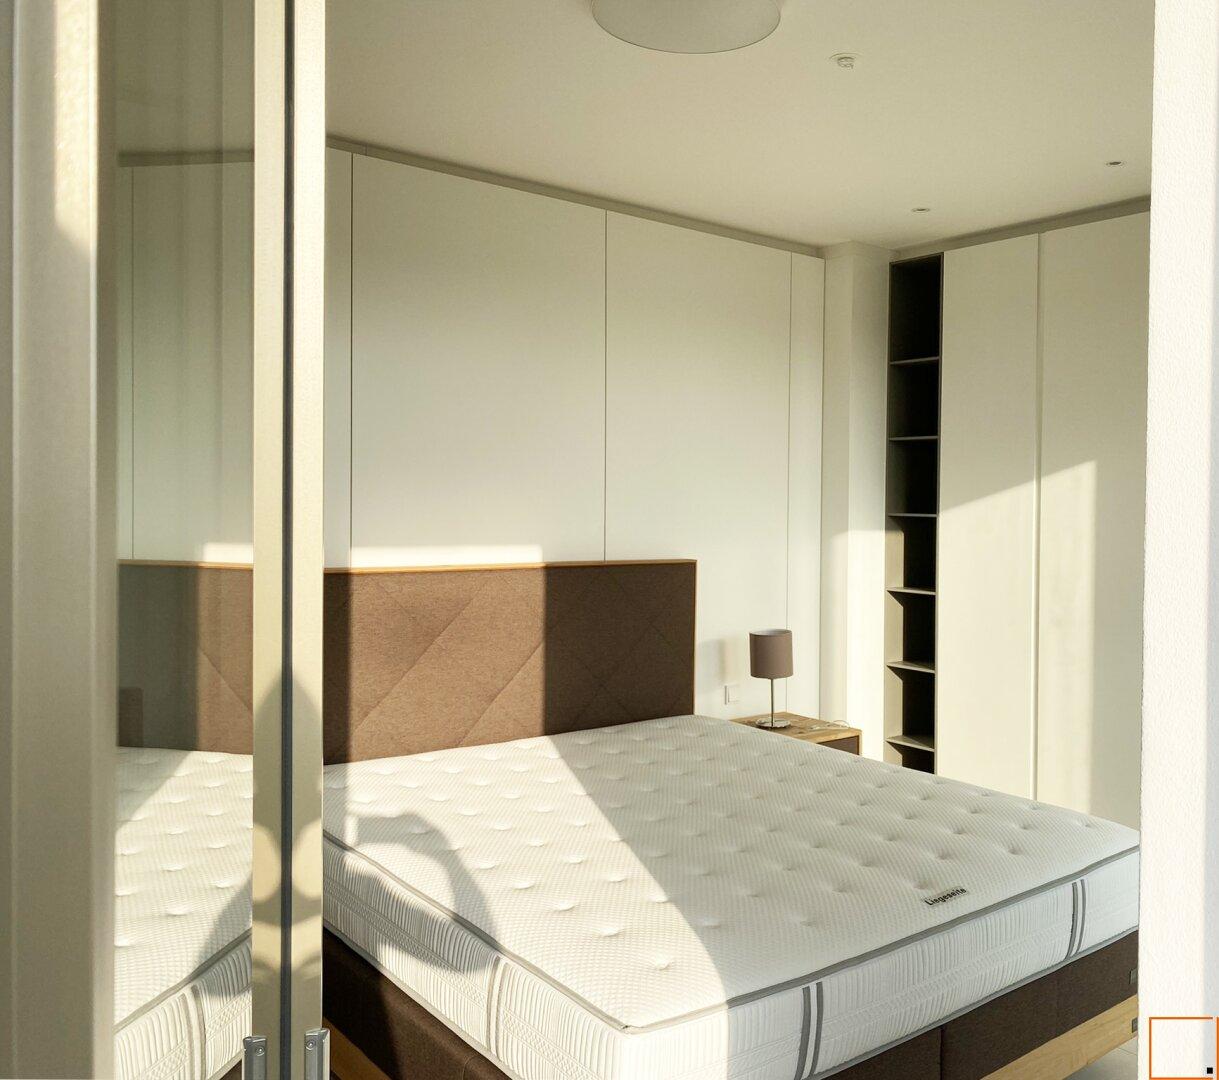 Schlafzimmer_Blick auf 2. Schrankwand